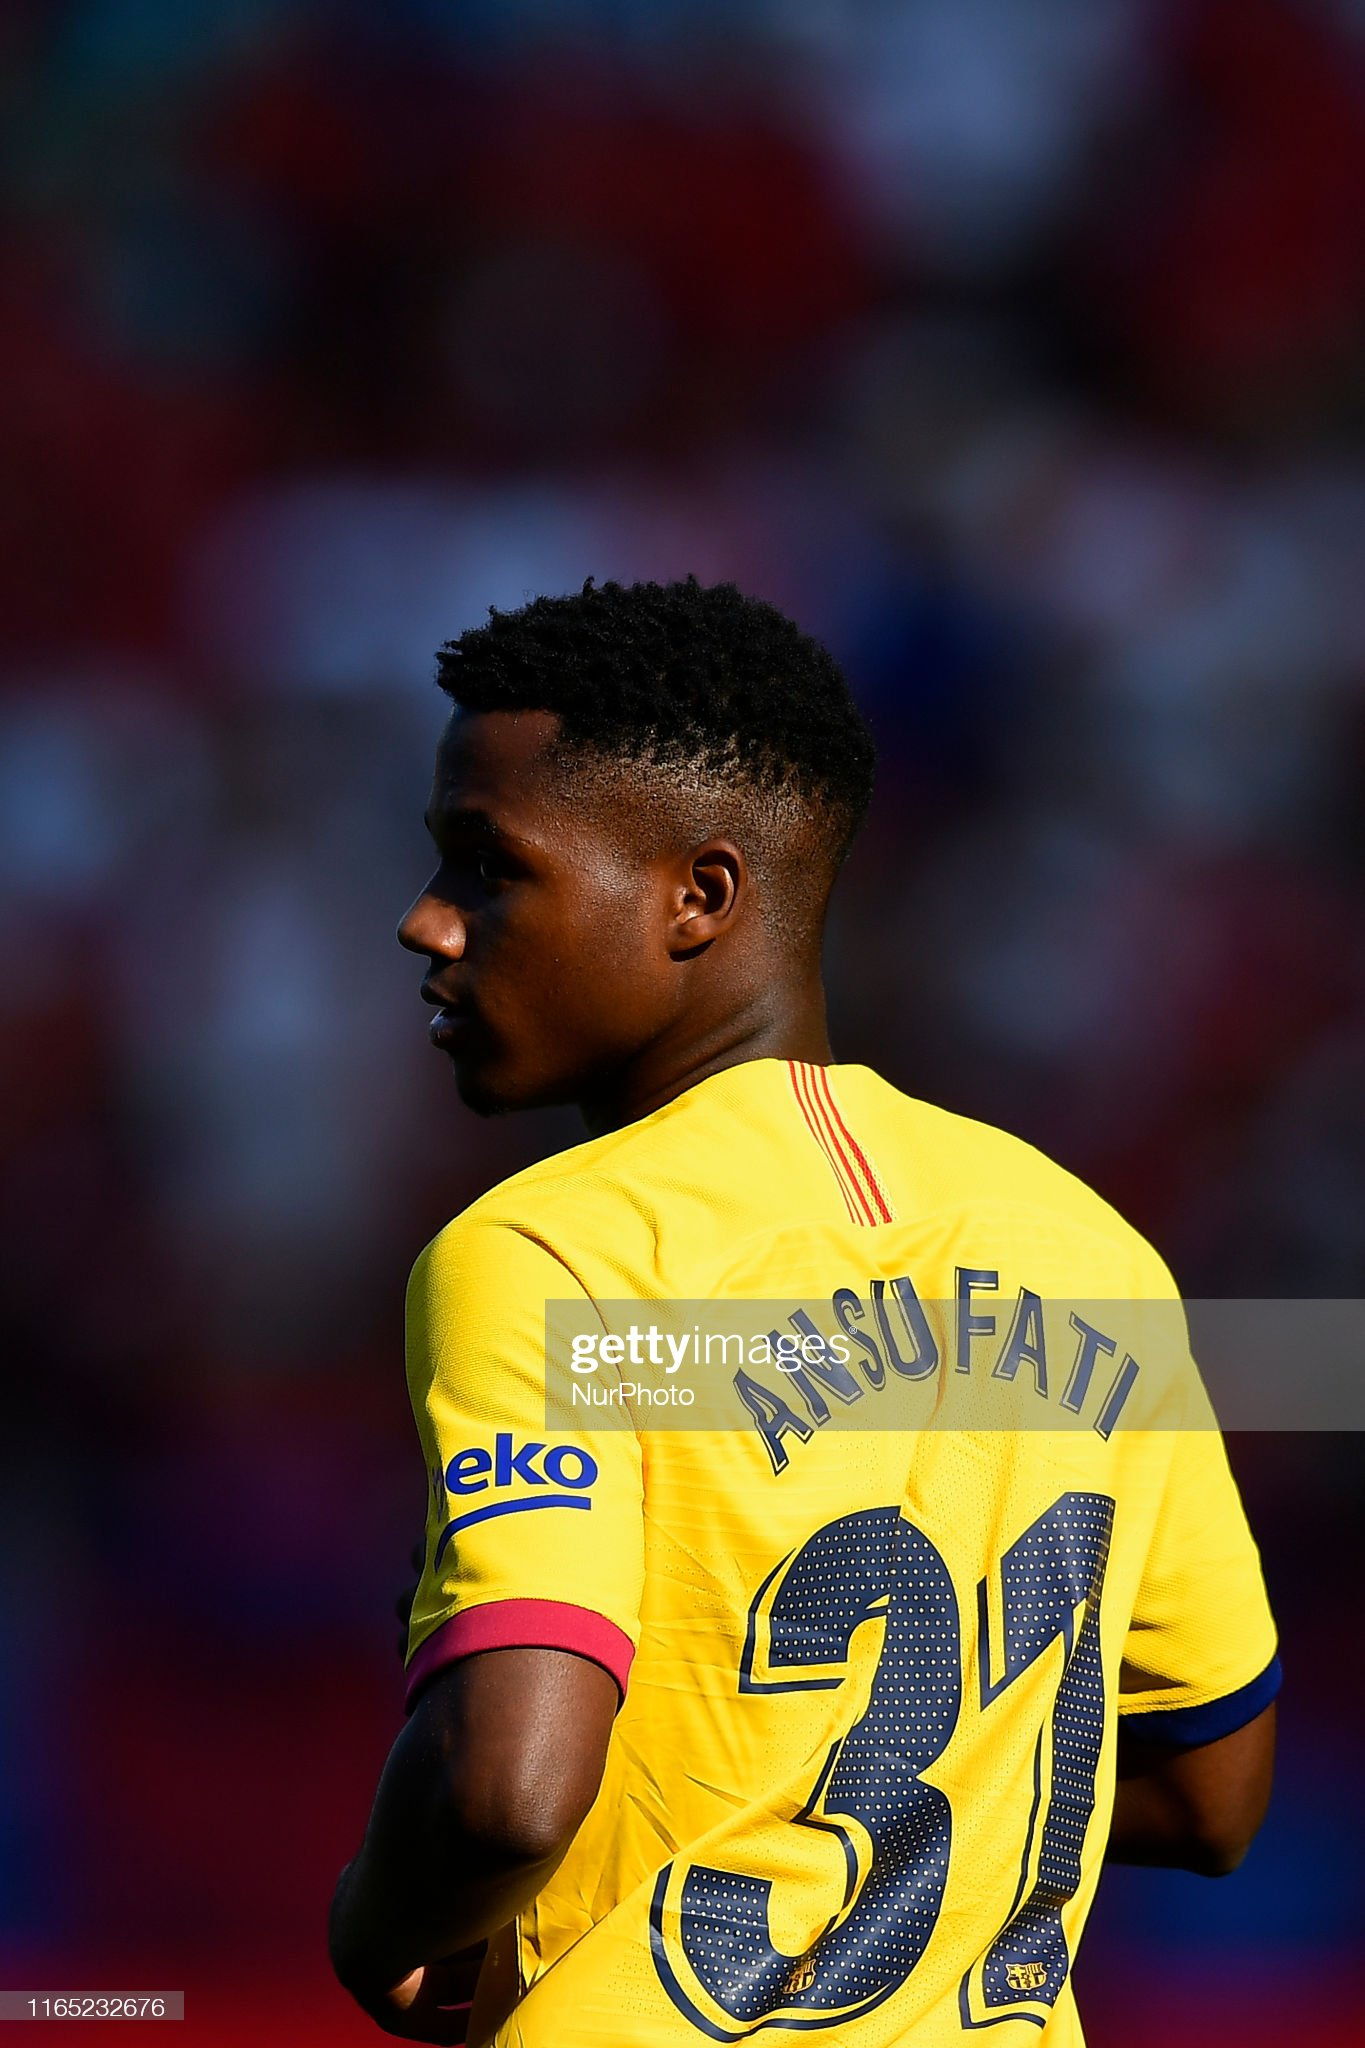 صور مباراة : أوساسونا - برشلونة 2-2 ( 31-08-2019 )  Ansu-fati-of-barcelona-during-the-liga-match-between-ca-osasuna-and-picture-id1165232676?s=2048x2048